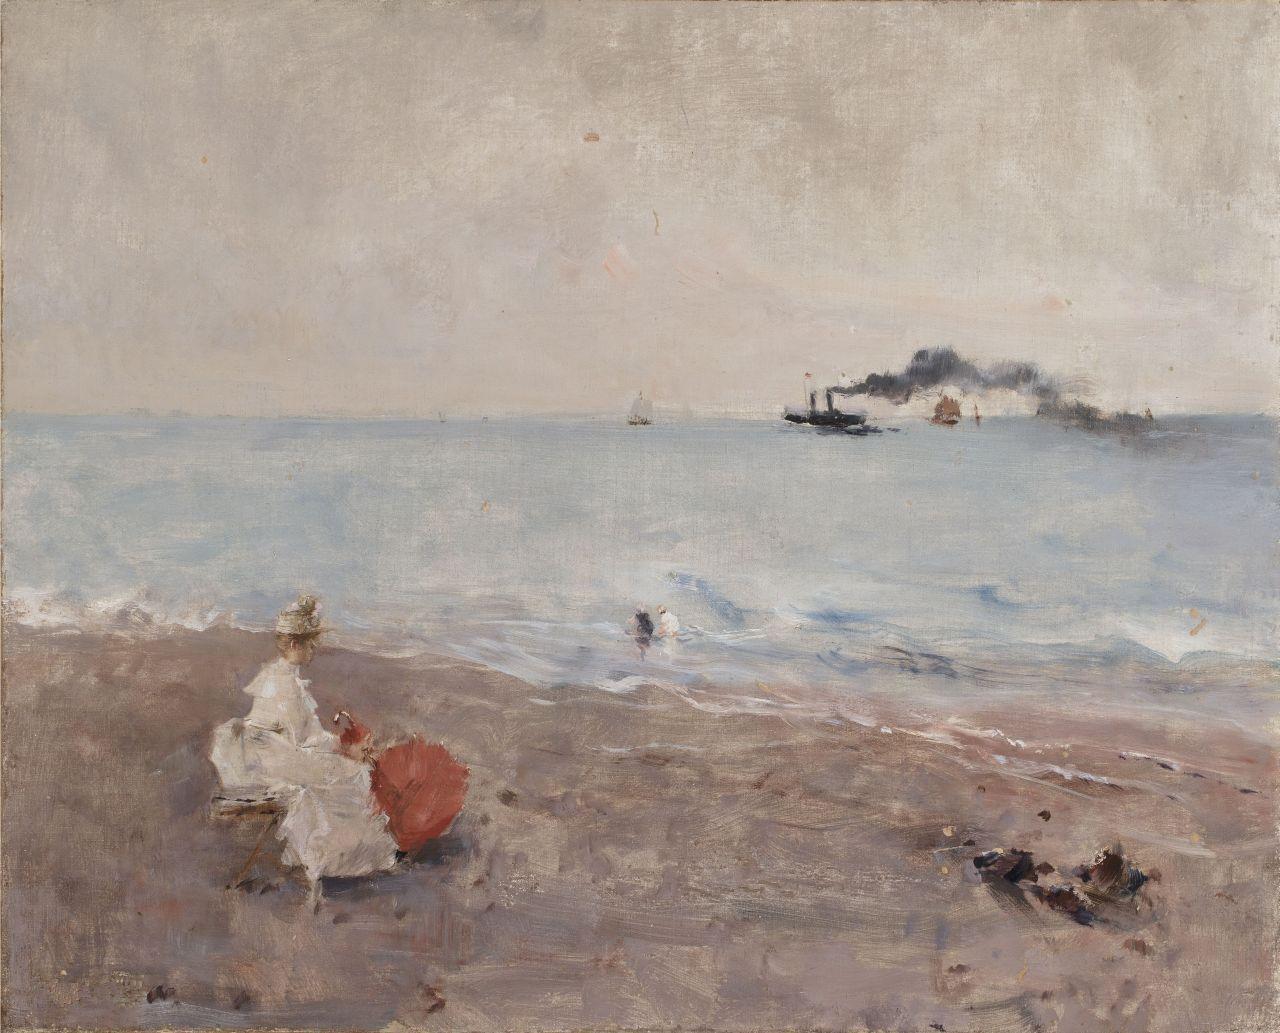 Alfred Stevens, Sur la plage